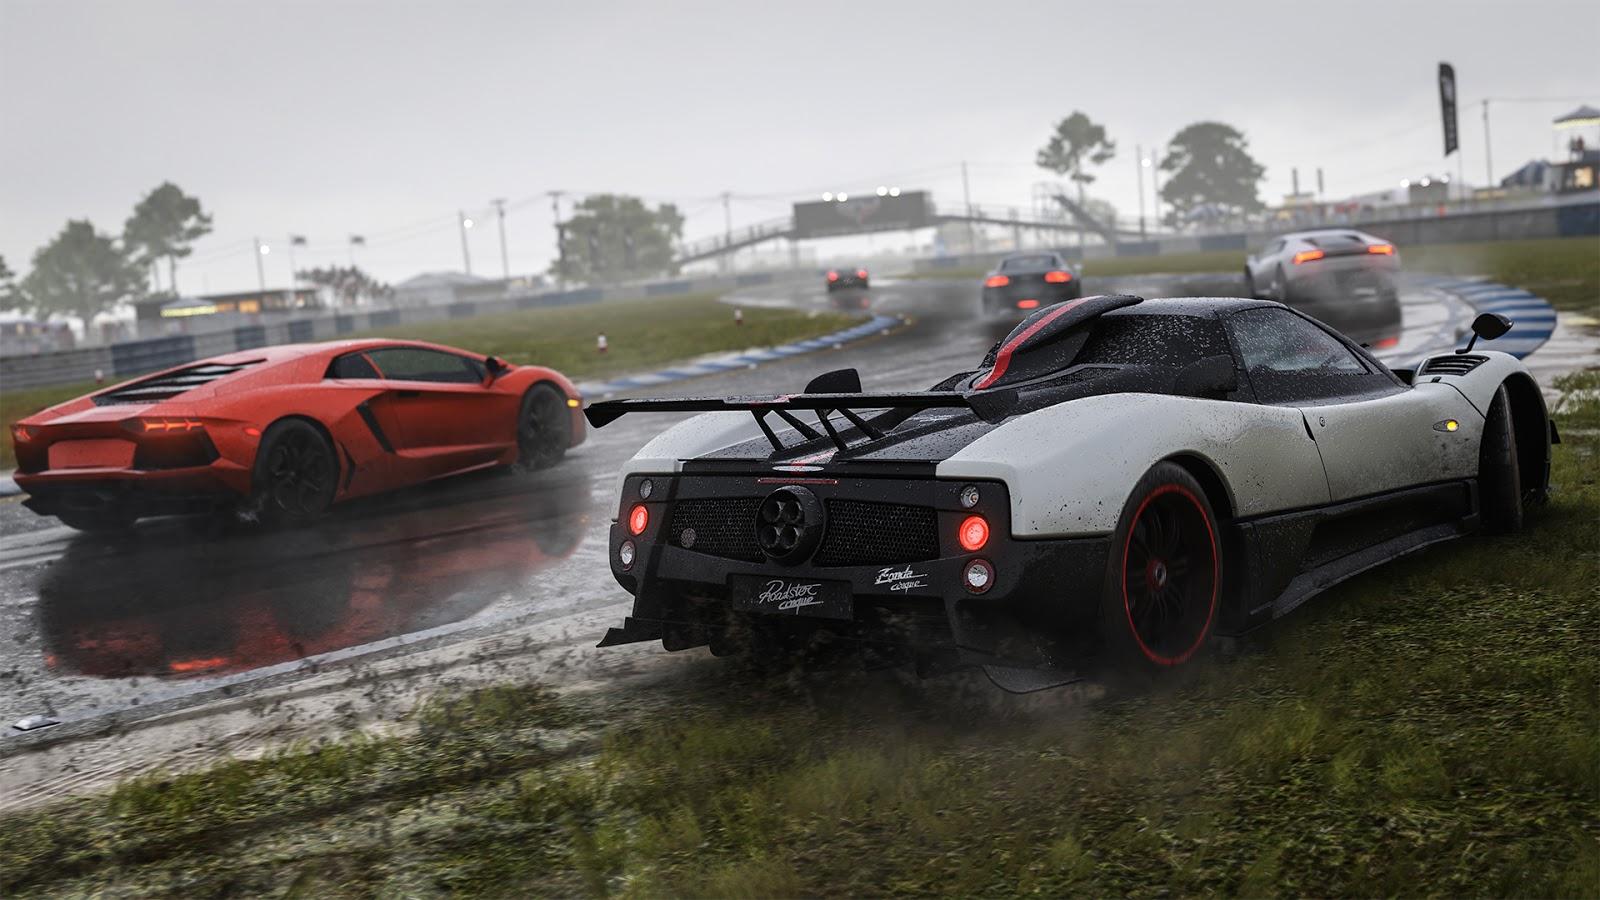 Xbox busca talento en el Torneo Forza MotorSport